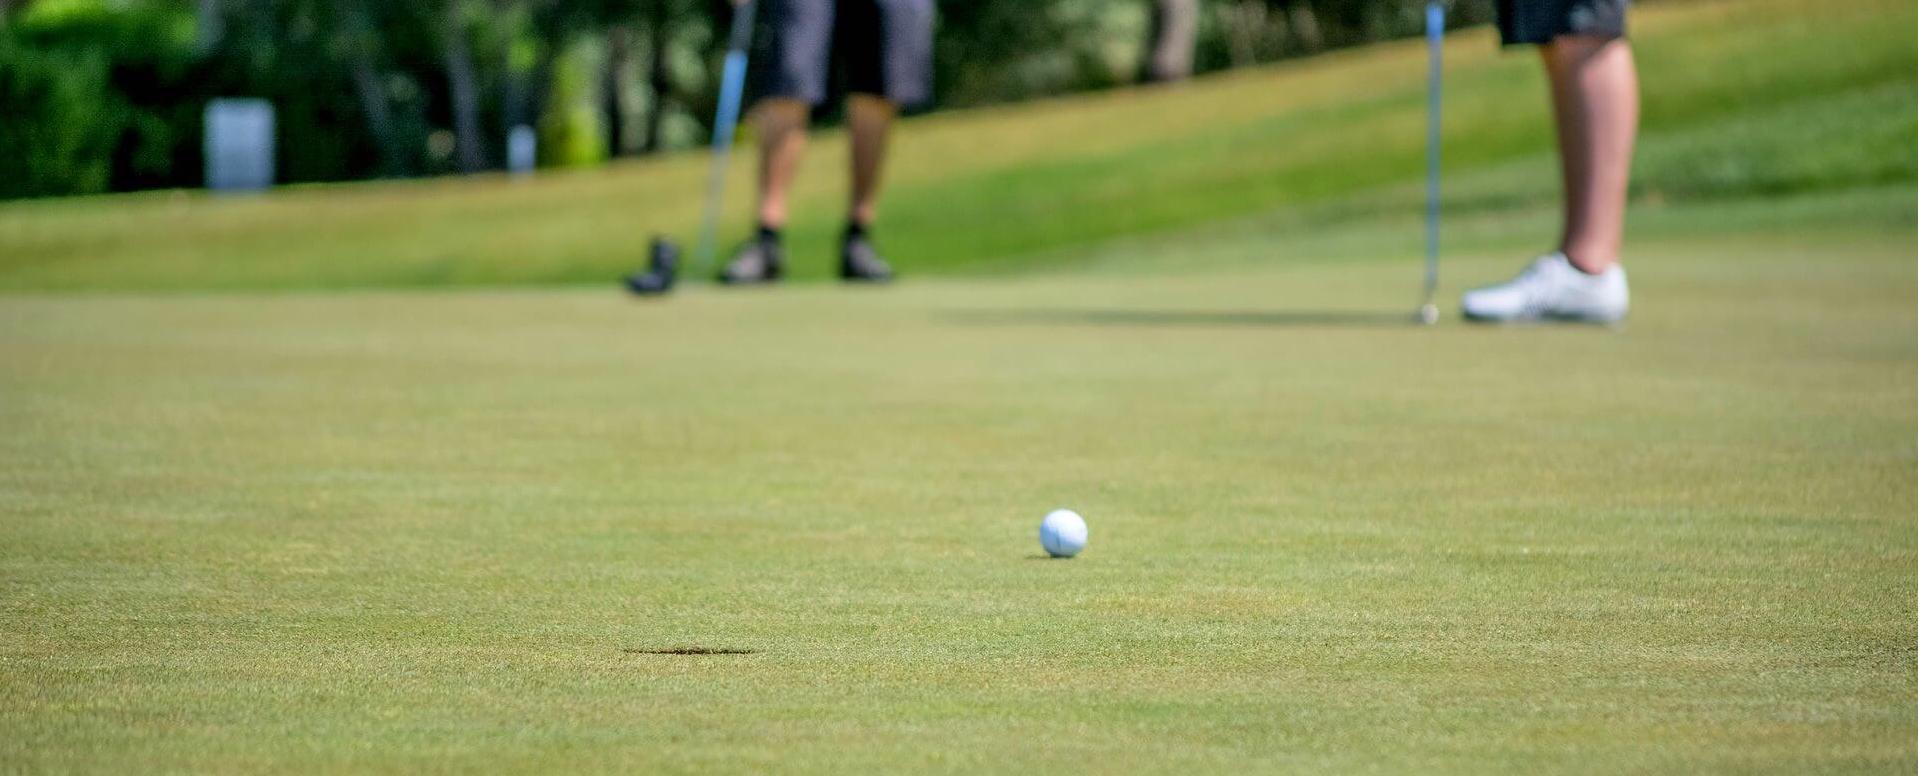 Tester son swing à Family Golf Park - Algarve